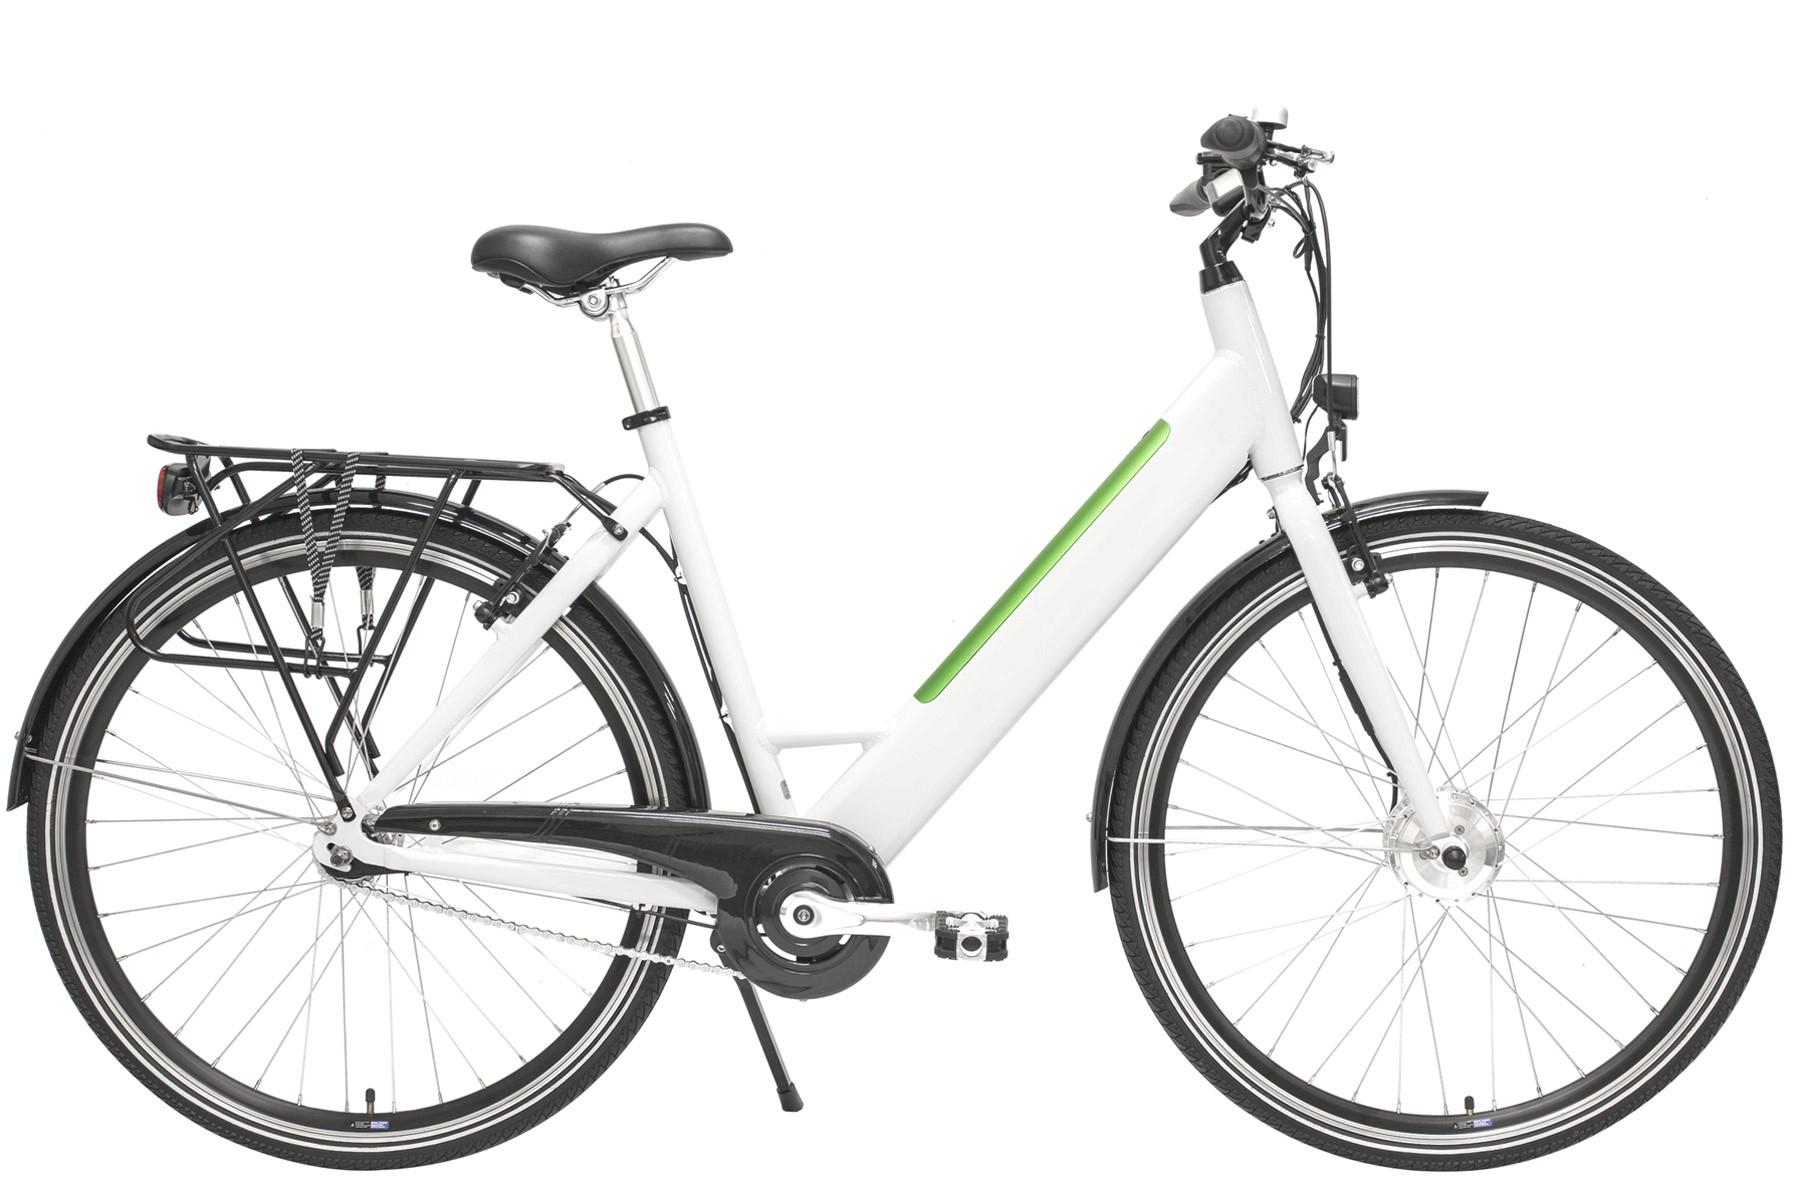 elektromos kézi nő keresi kerékpár a depressziós nő keres férfit